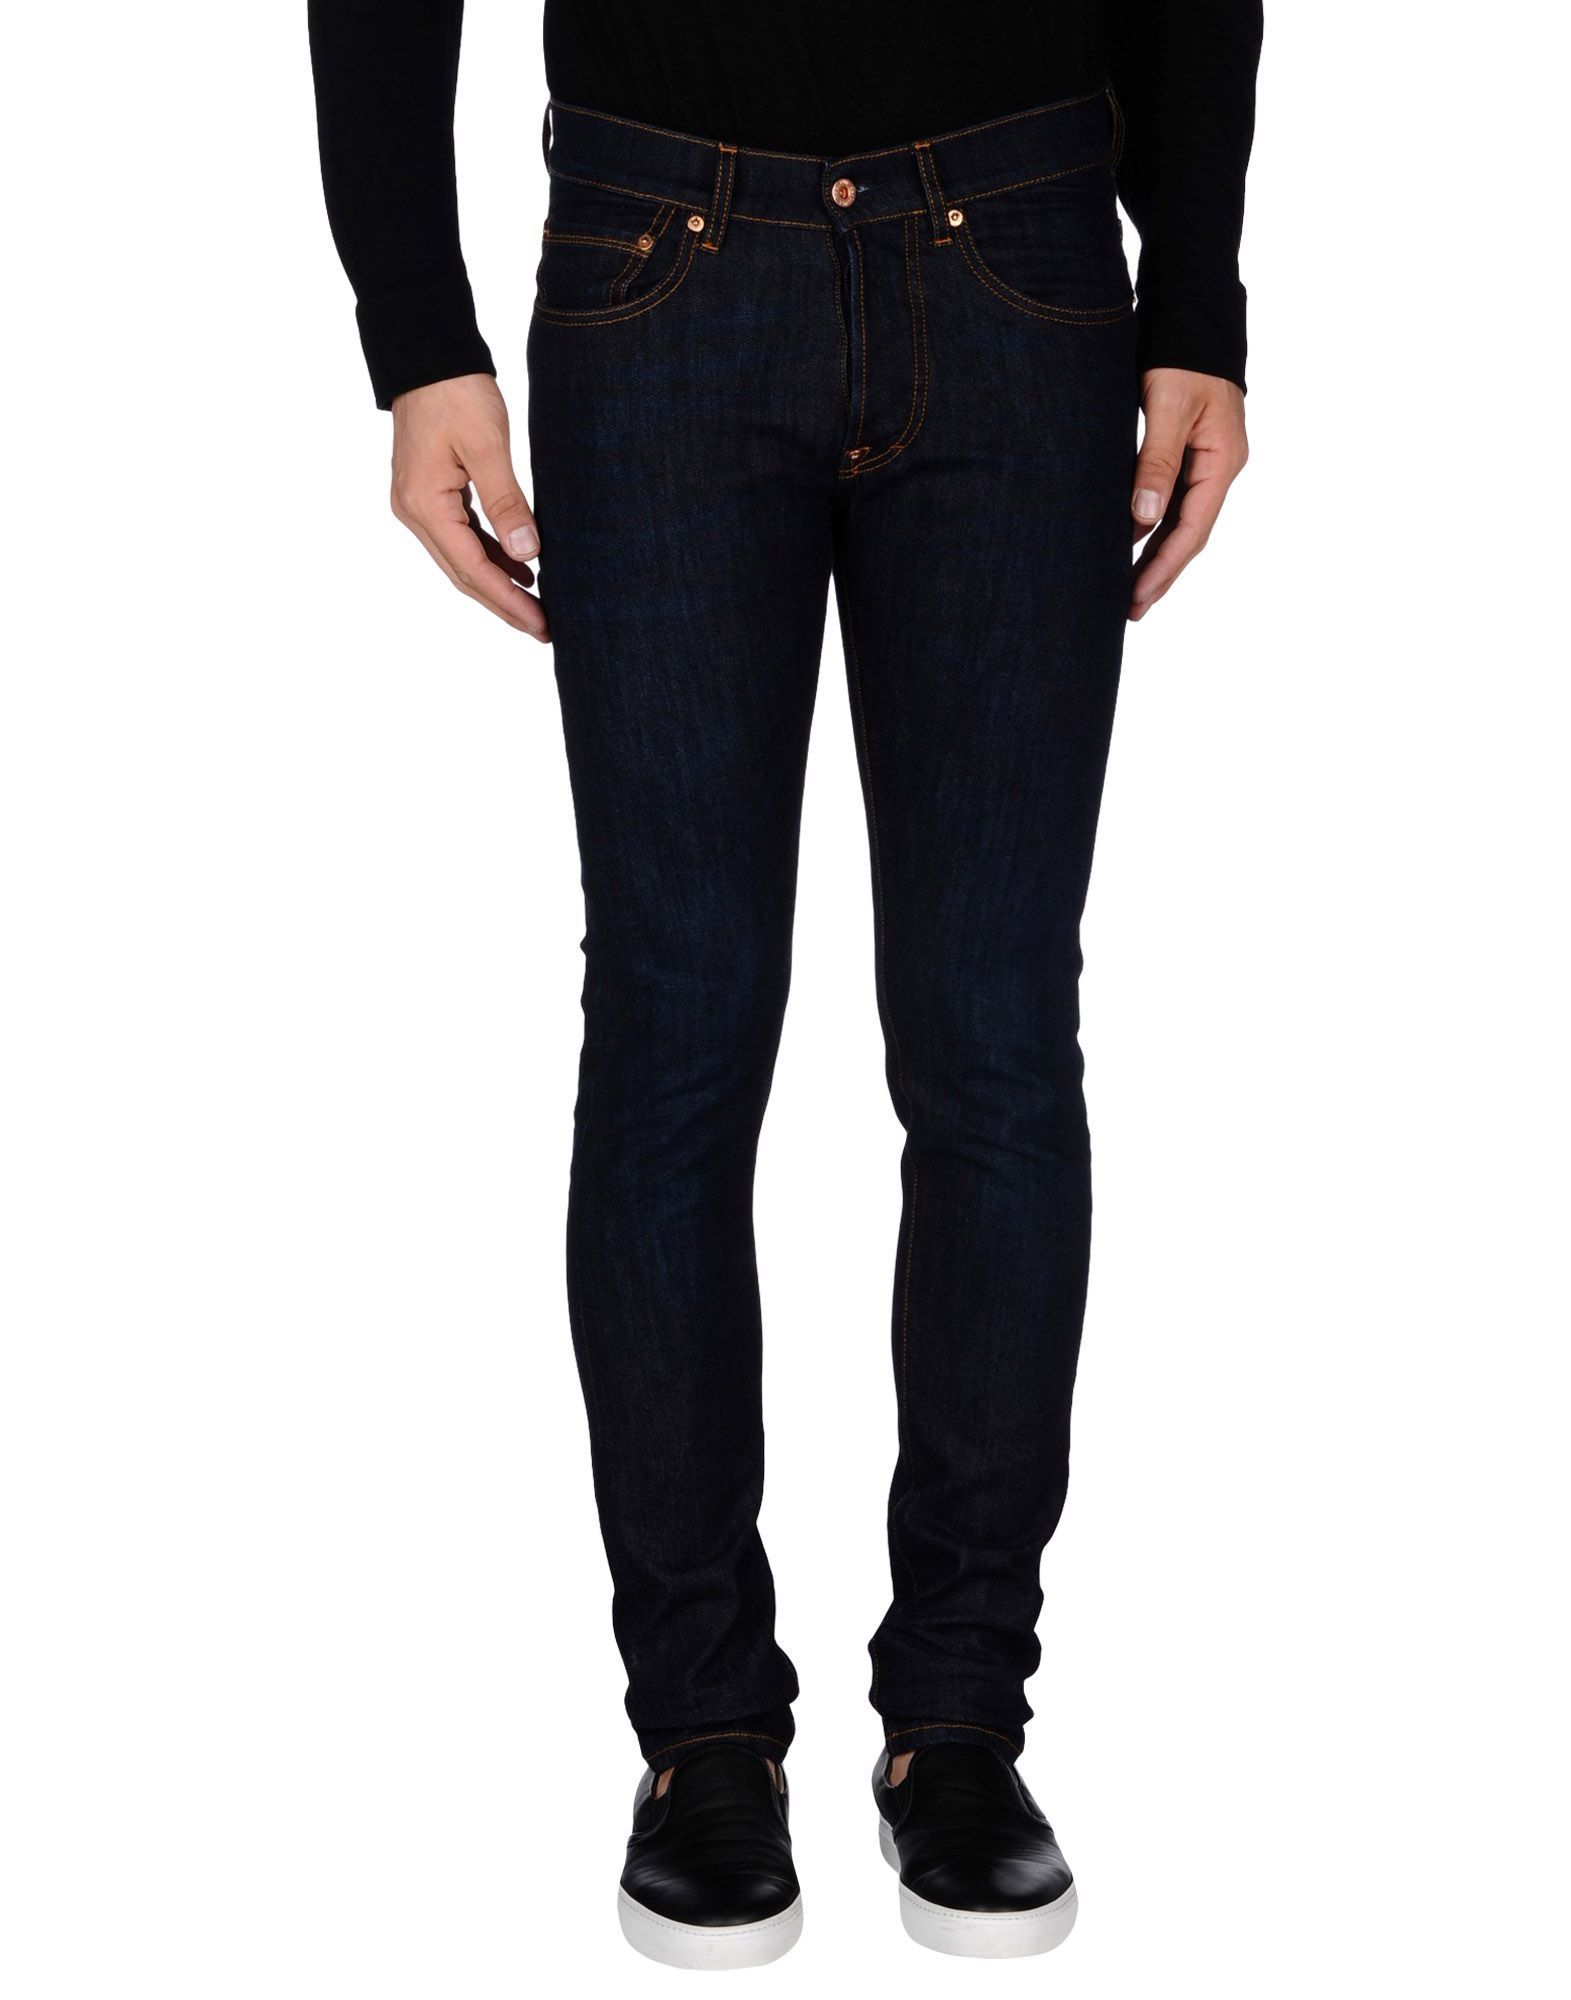 The.Nim Blue Cotton Slim Fit Jeans